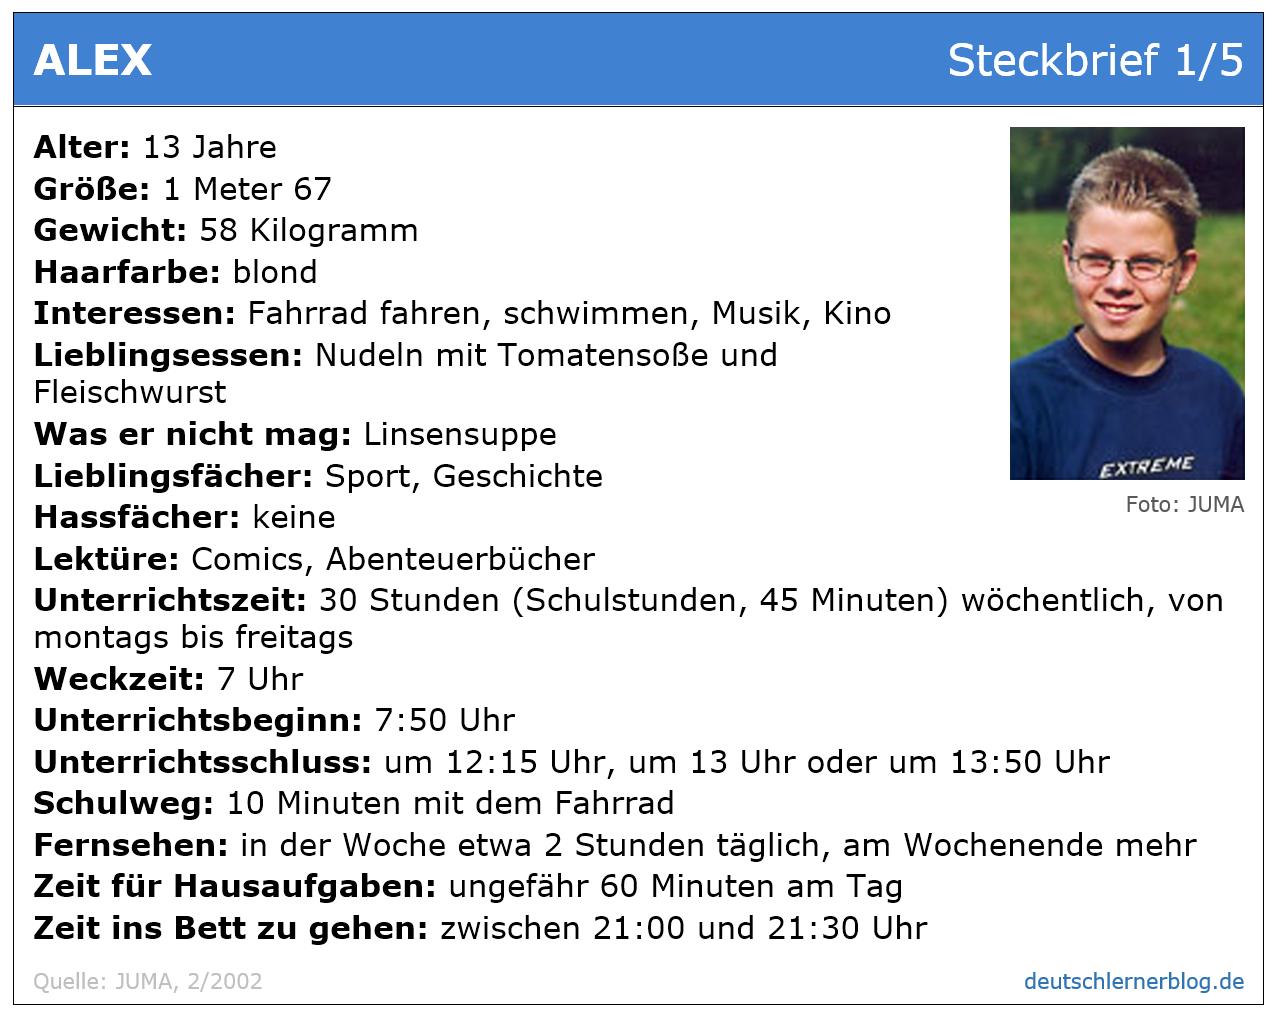 Alex_13_Steckbrief_deutschlernerblog